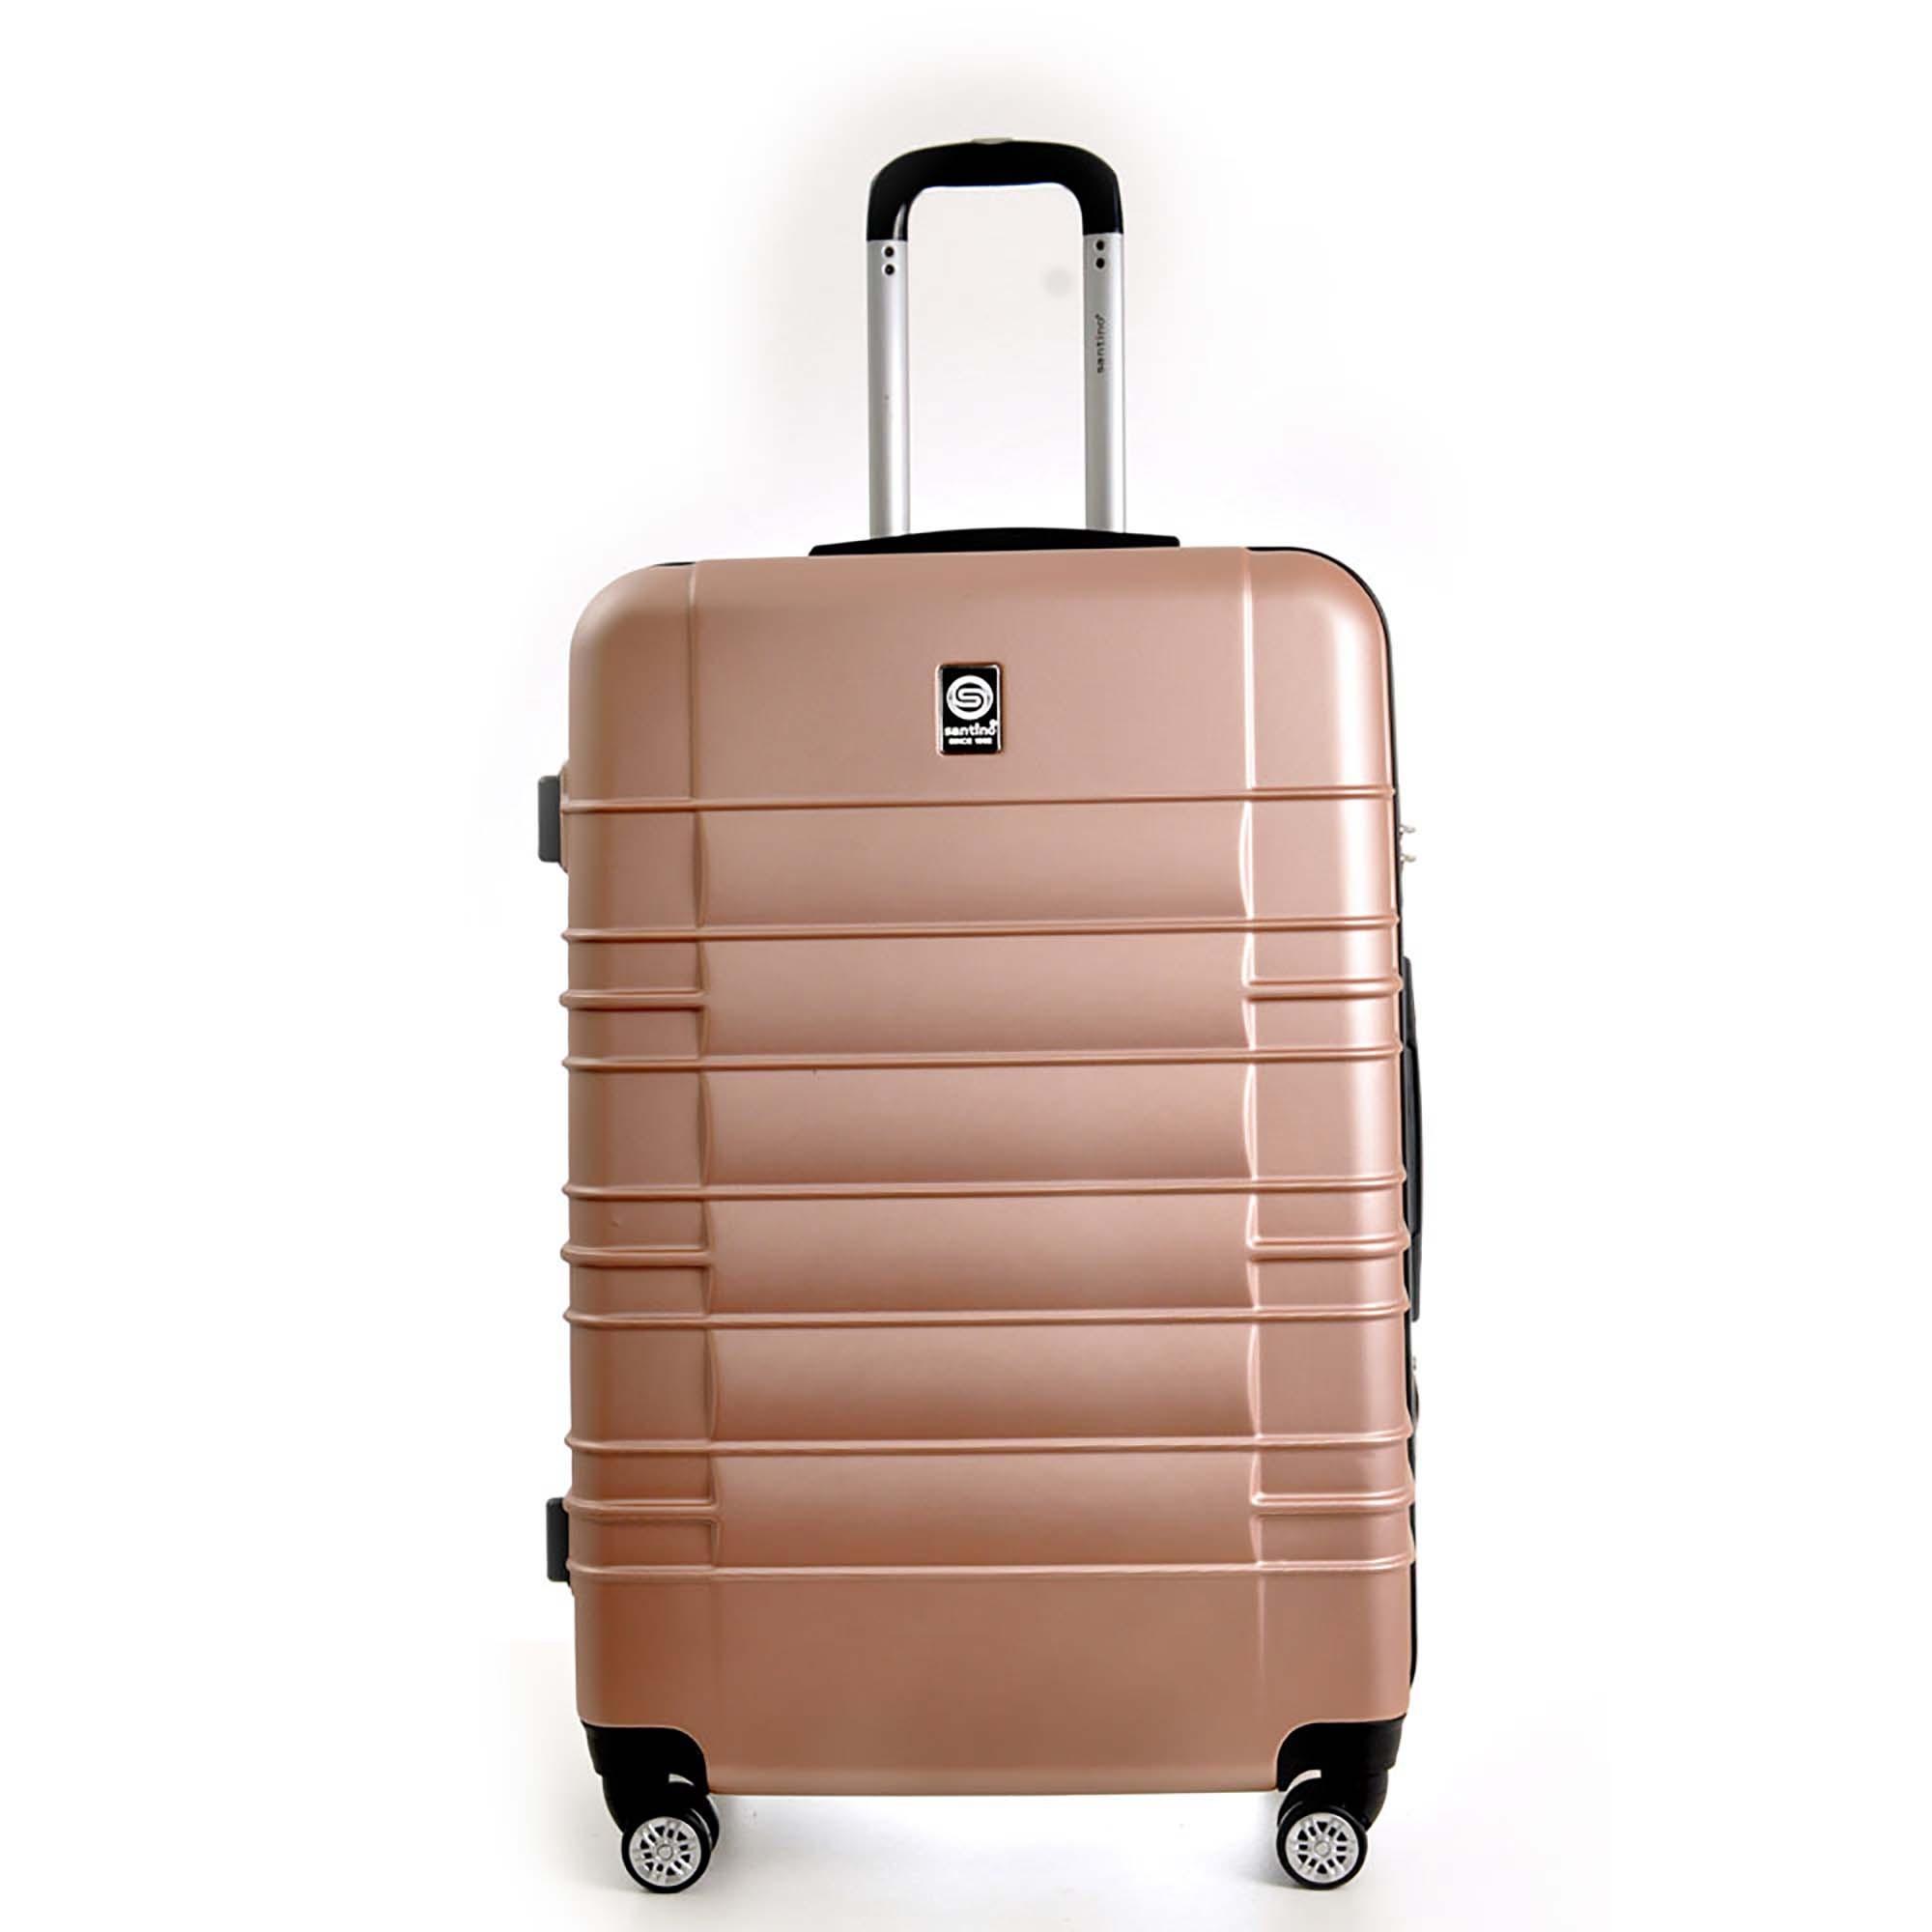 MALA VIAGEM SANT ABS MED TSA ROSA - ASAV8001M05